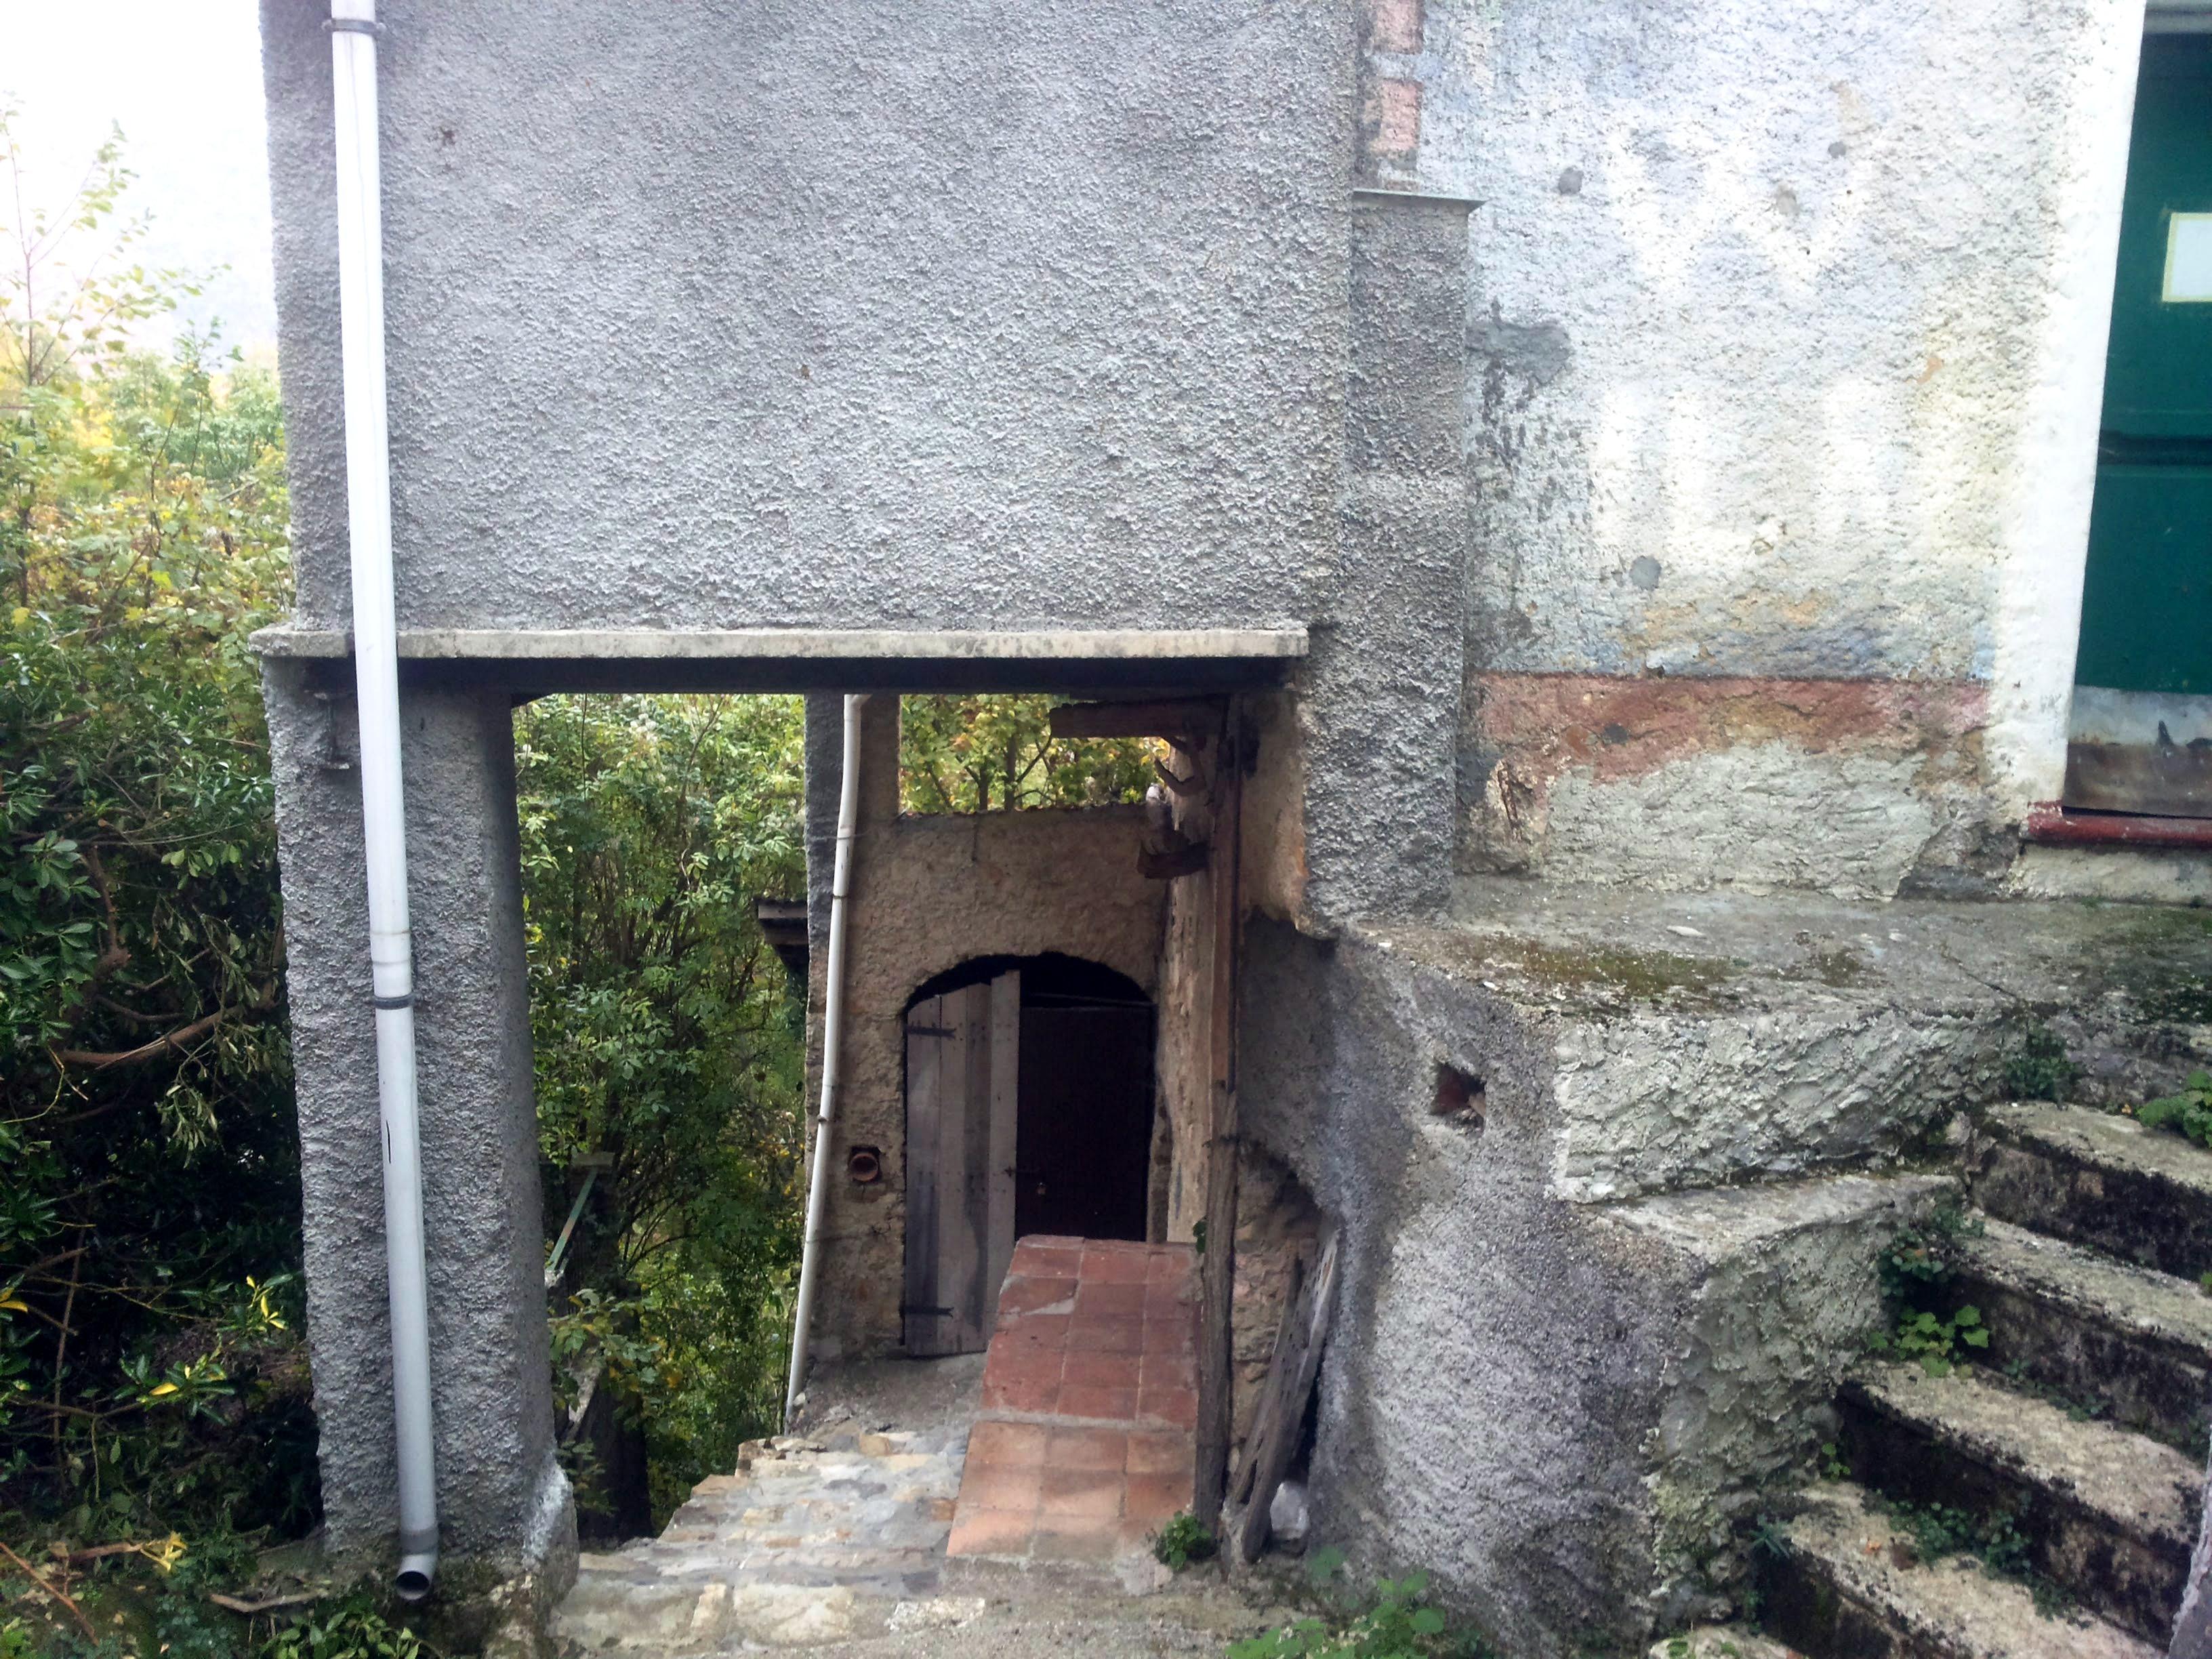 Annunci immobiliari comune di carrega ligure sito - Comune bagno a ripoli imu ...